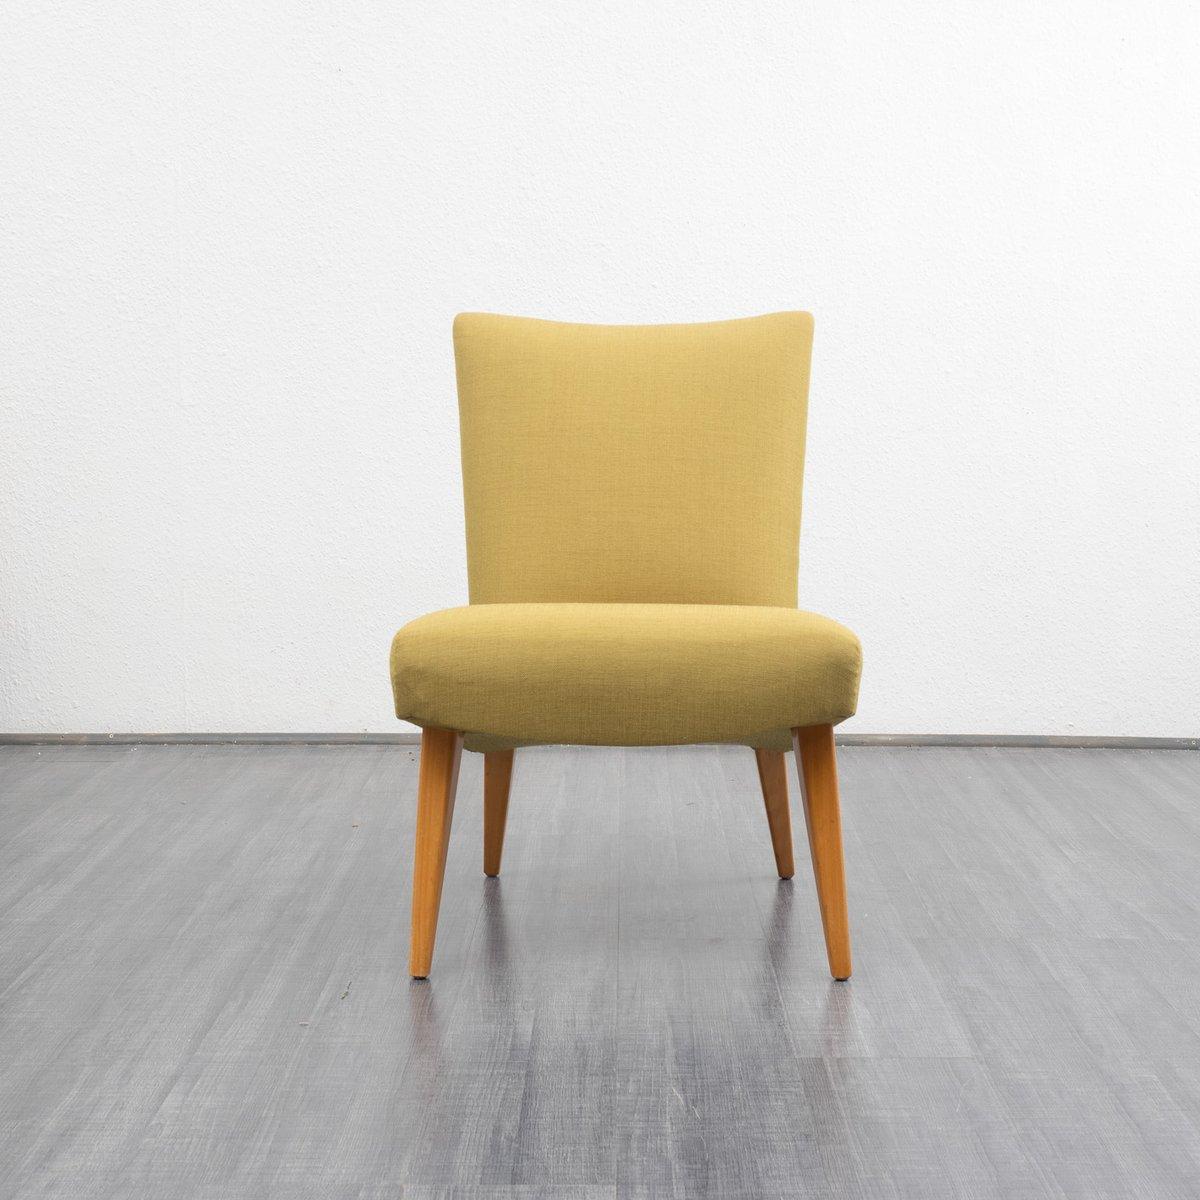 Chaise d 39 appoint en h tre 1950s en vente sur pamono for Chaise d appoint